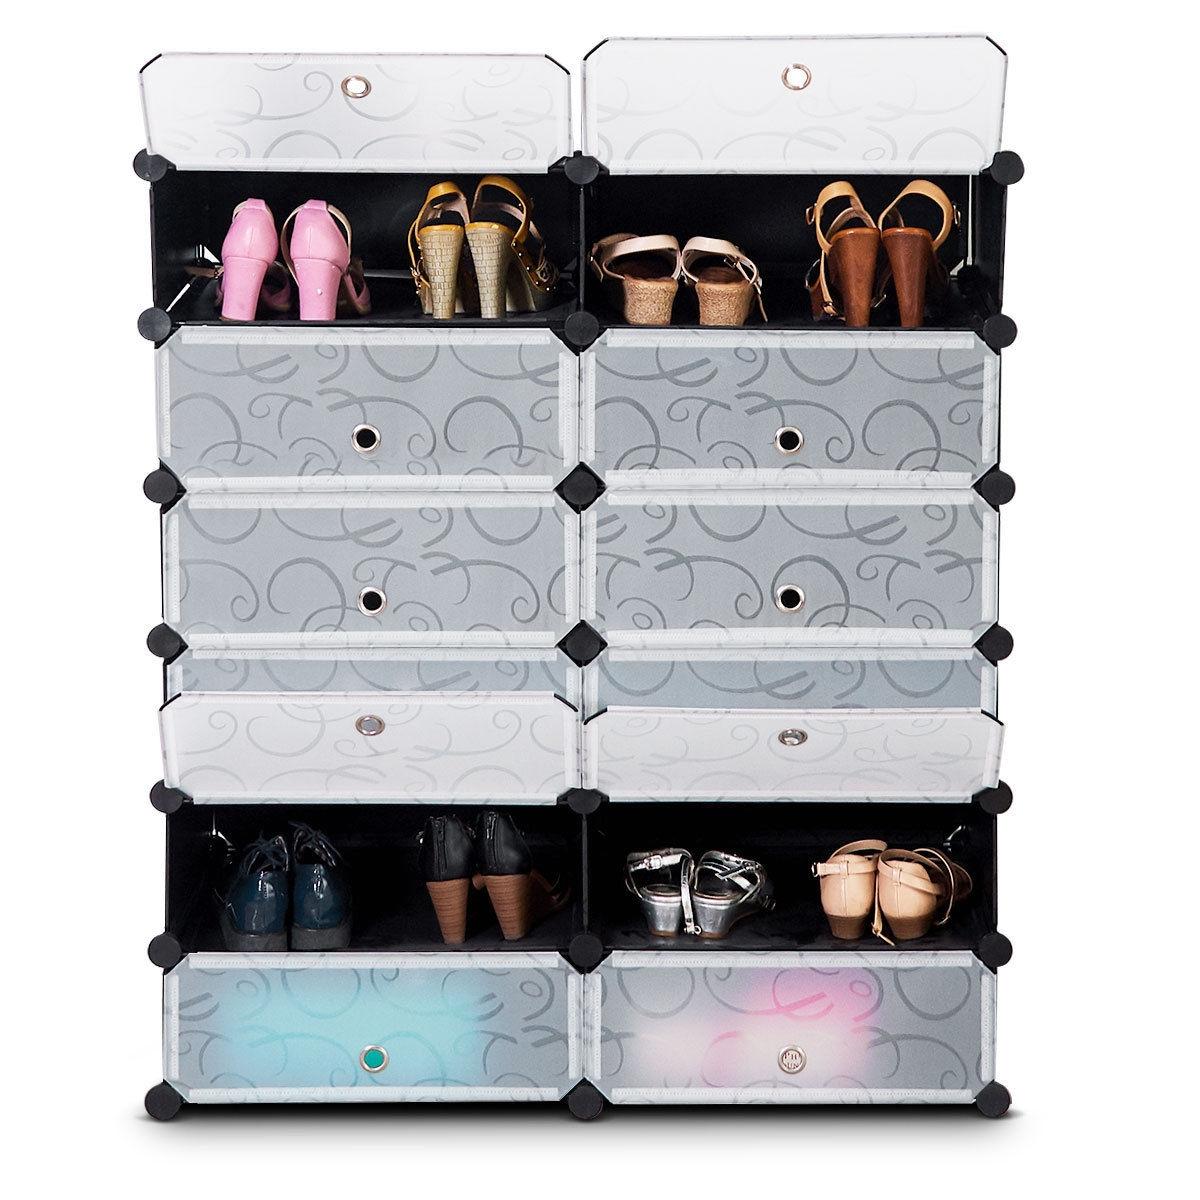 12 Cubes Portable Shoe Rack